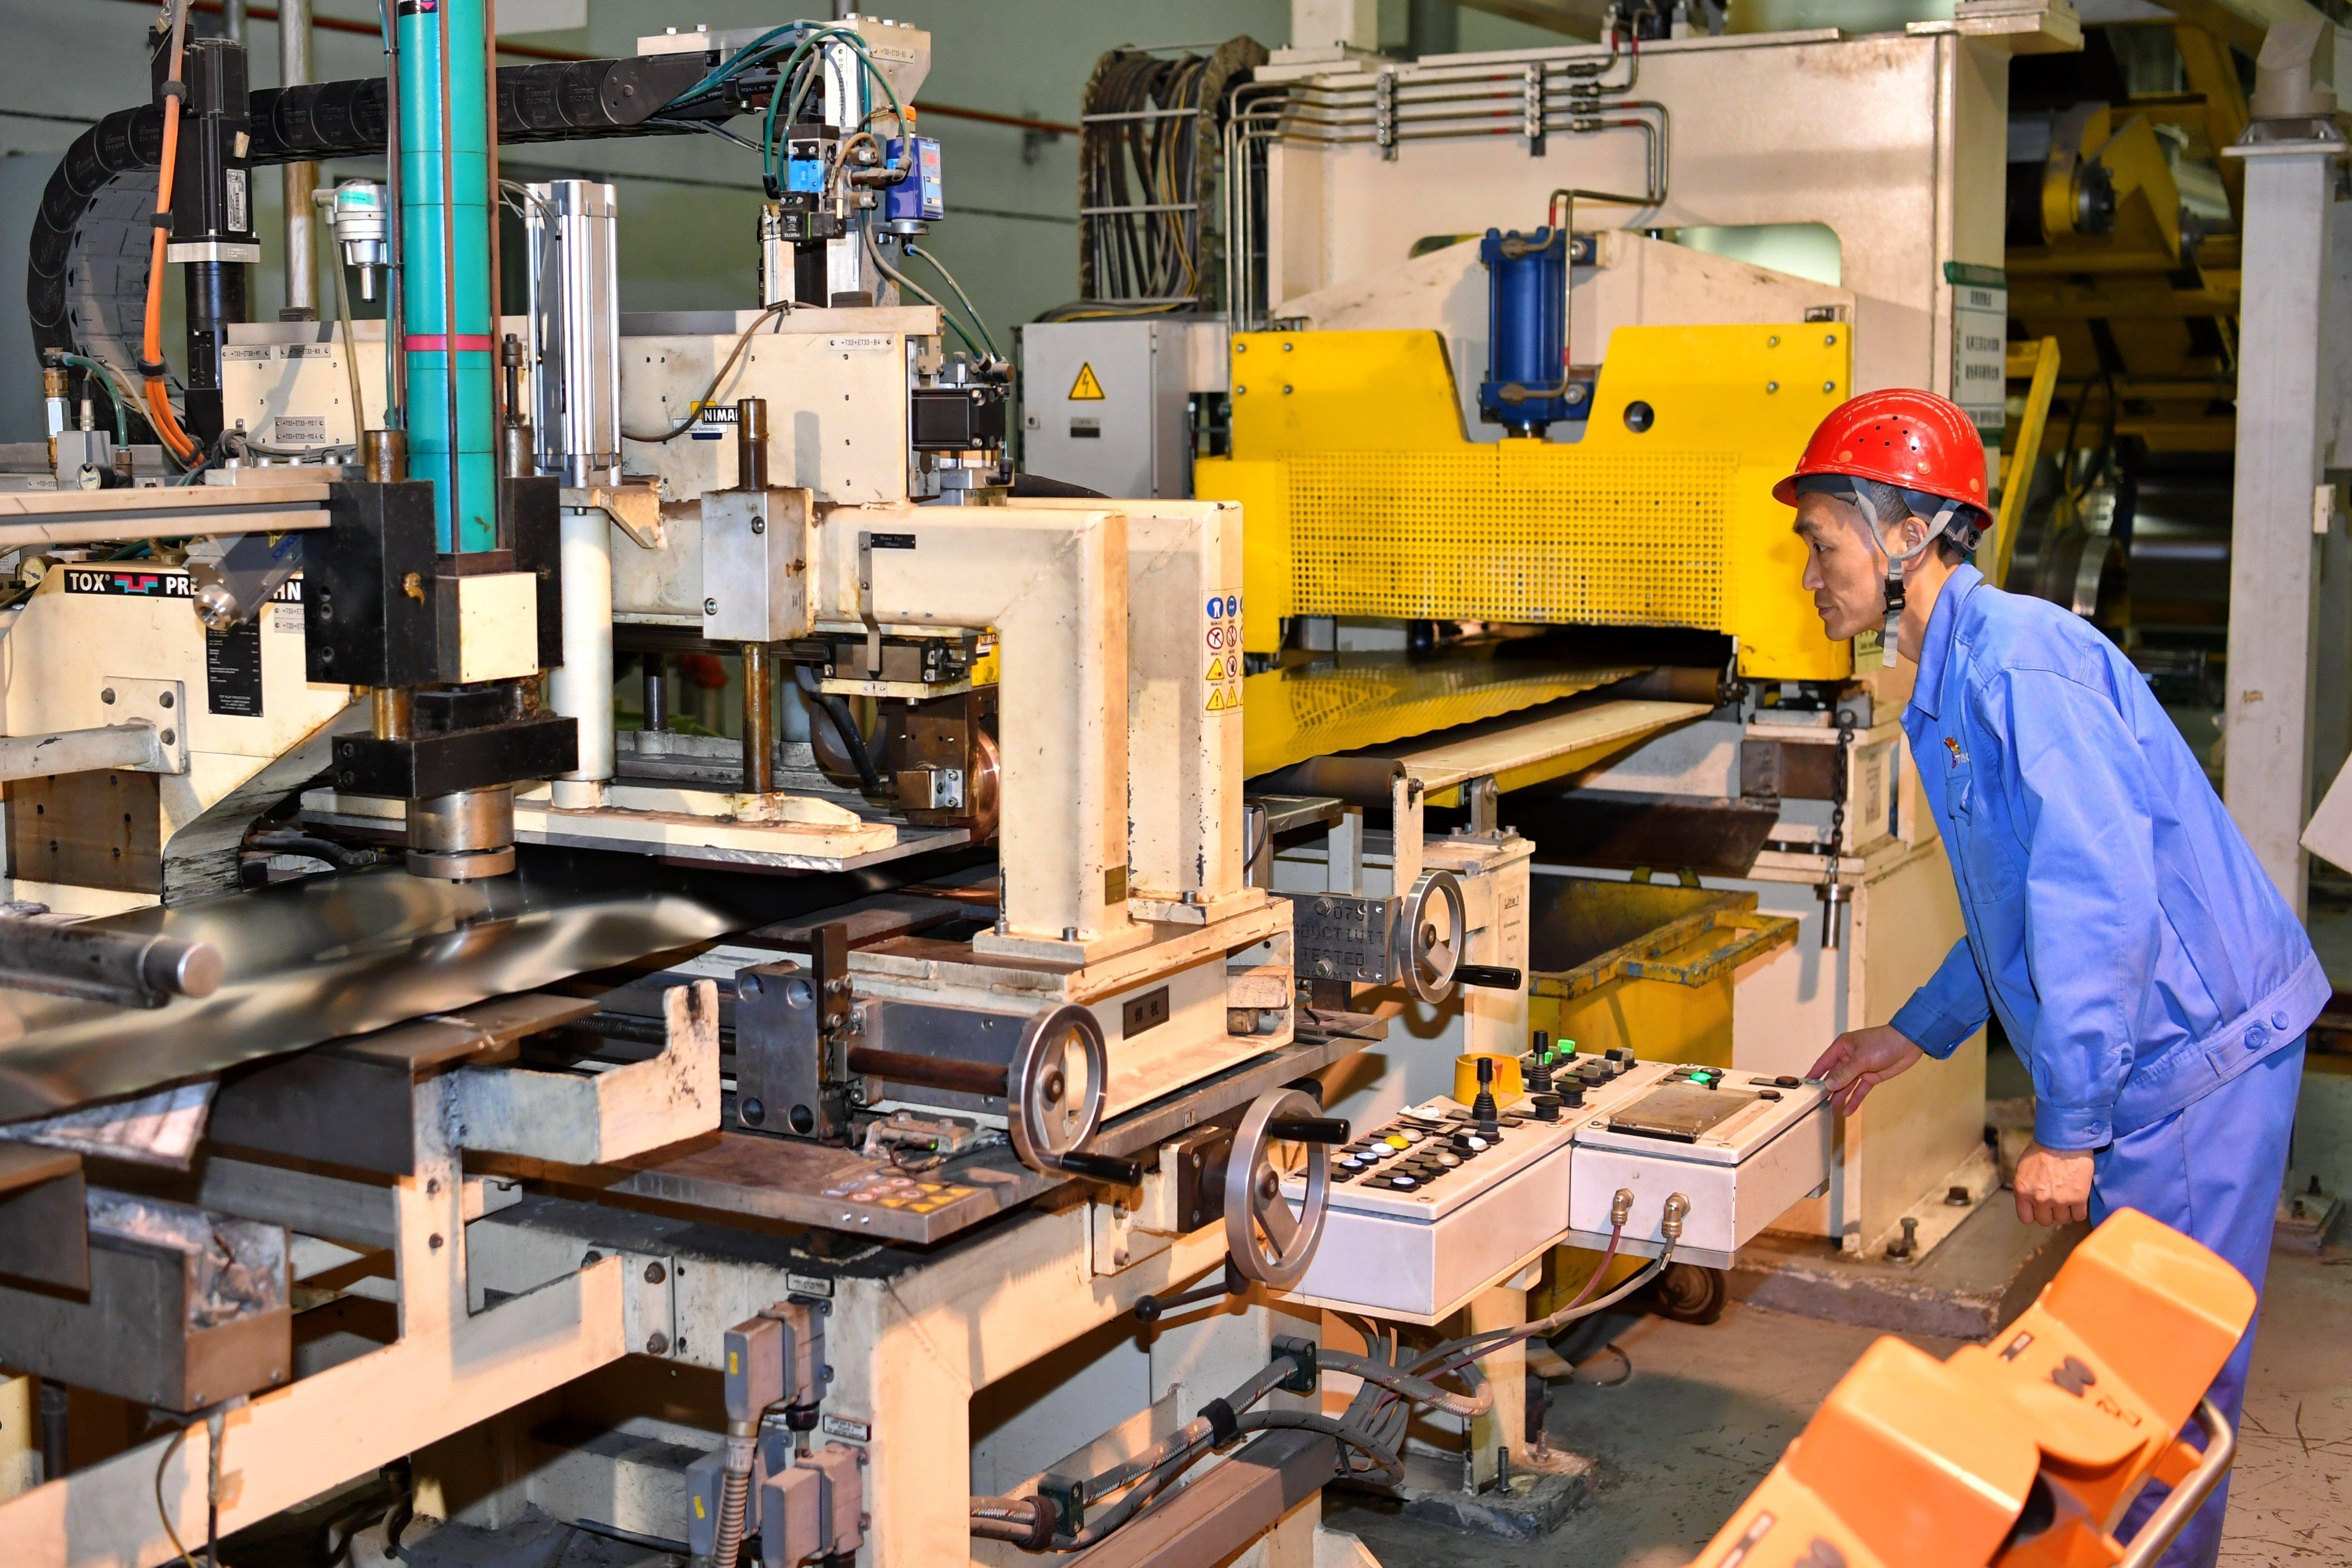 太钢集团员工在操控超薄带状不锈钢的加工设备(5月24日摄)。新华社记者 曹阳 摄.JPG